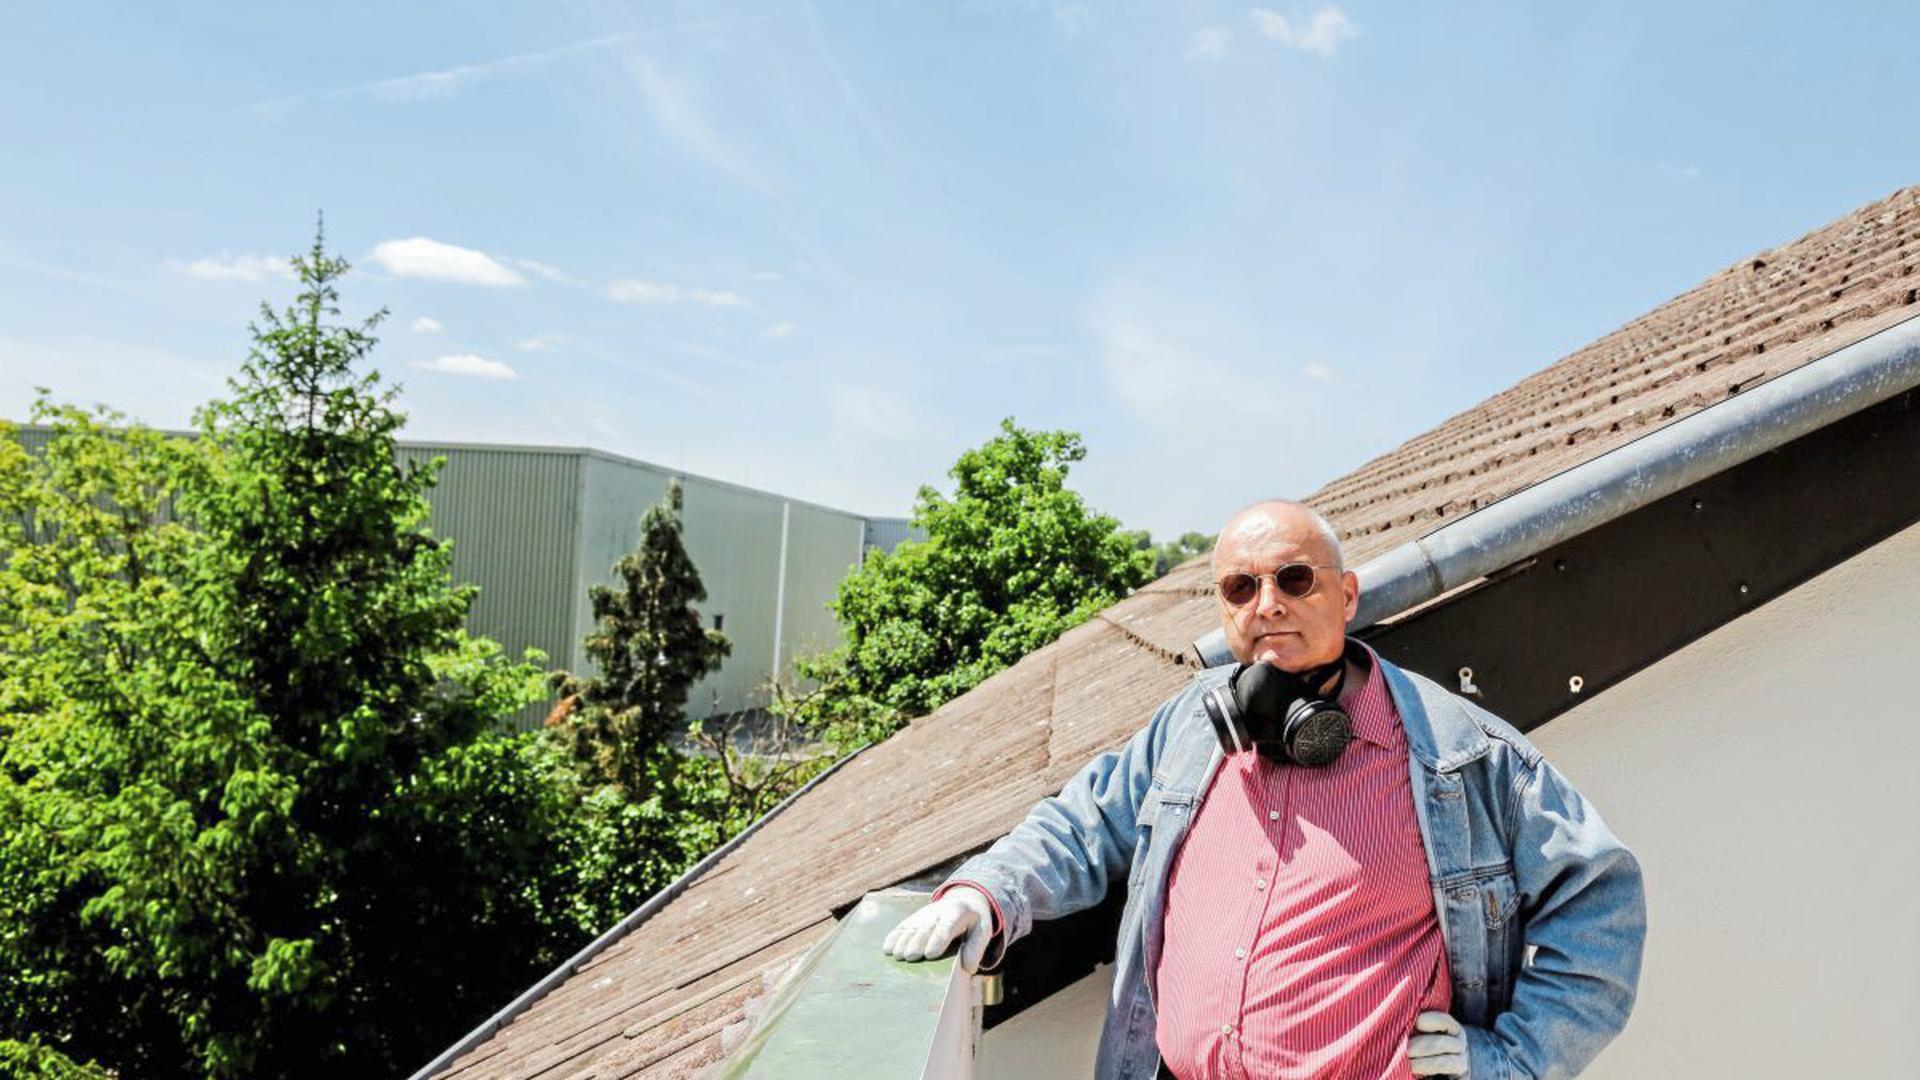 Ulrich Liehr vermietet und verwaltet ein Fünf-Parteienhaus an der Ecke Ruiter Straße und Wannenweg, nur etwa 20 Meter vom Presswerk entfernt. Er bangt um seine Mieteinnahmen.